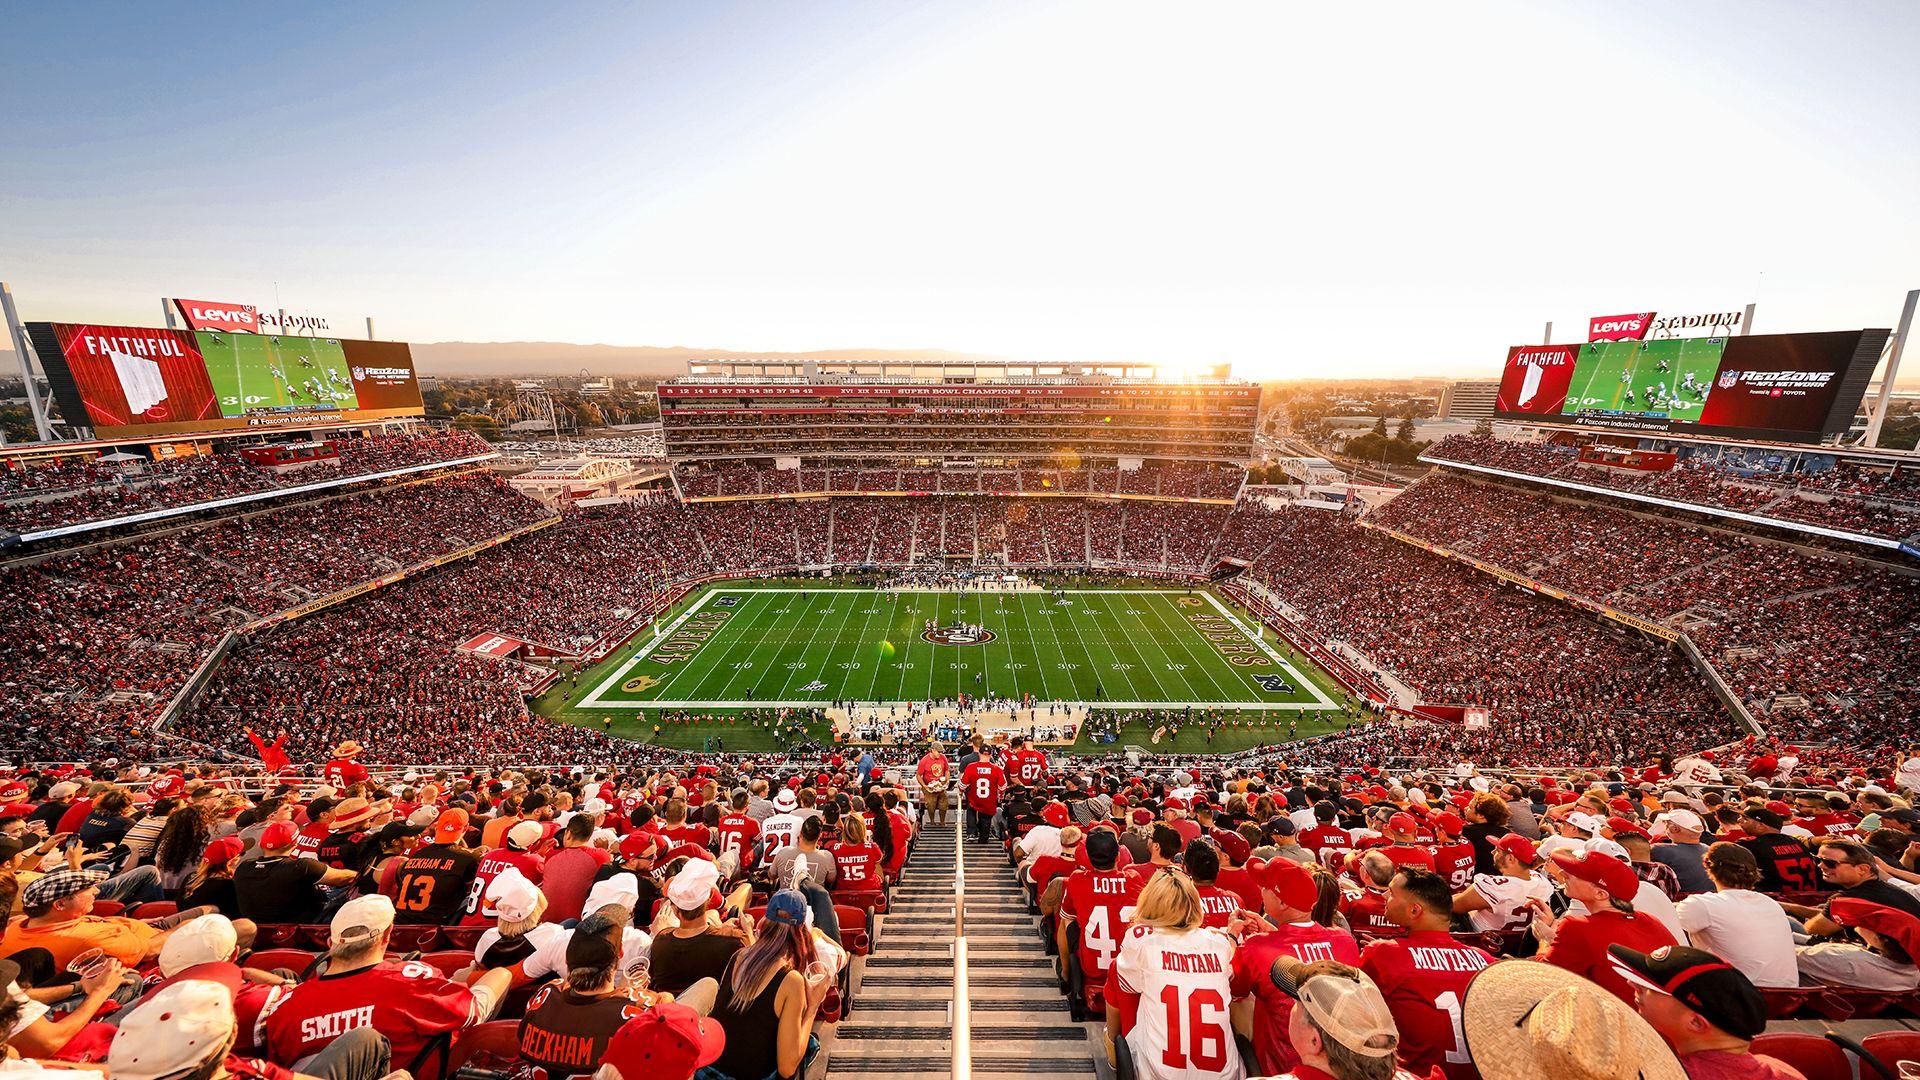 49ers fans san francisco 49ers 49ers com san francisco 49ers 49ers com